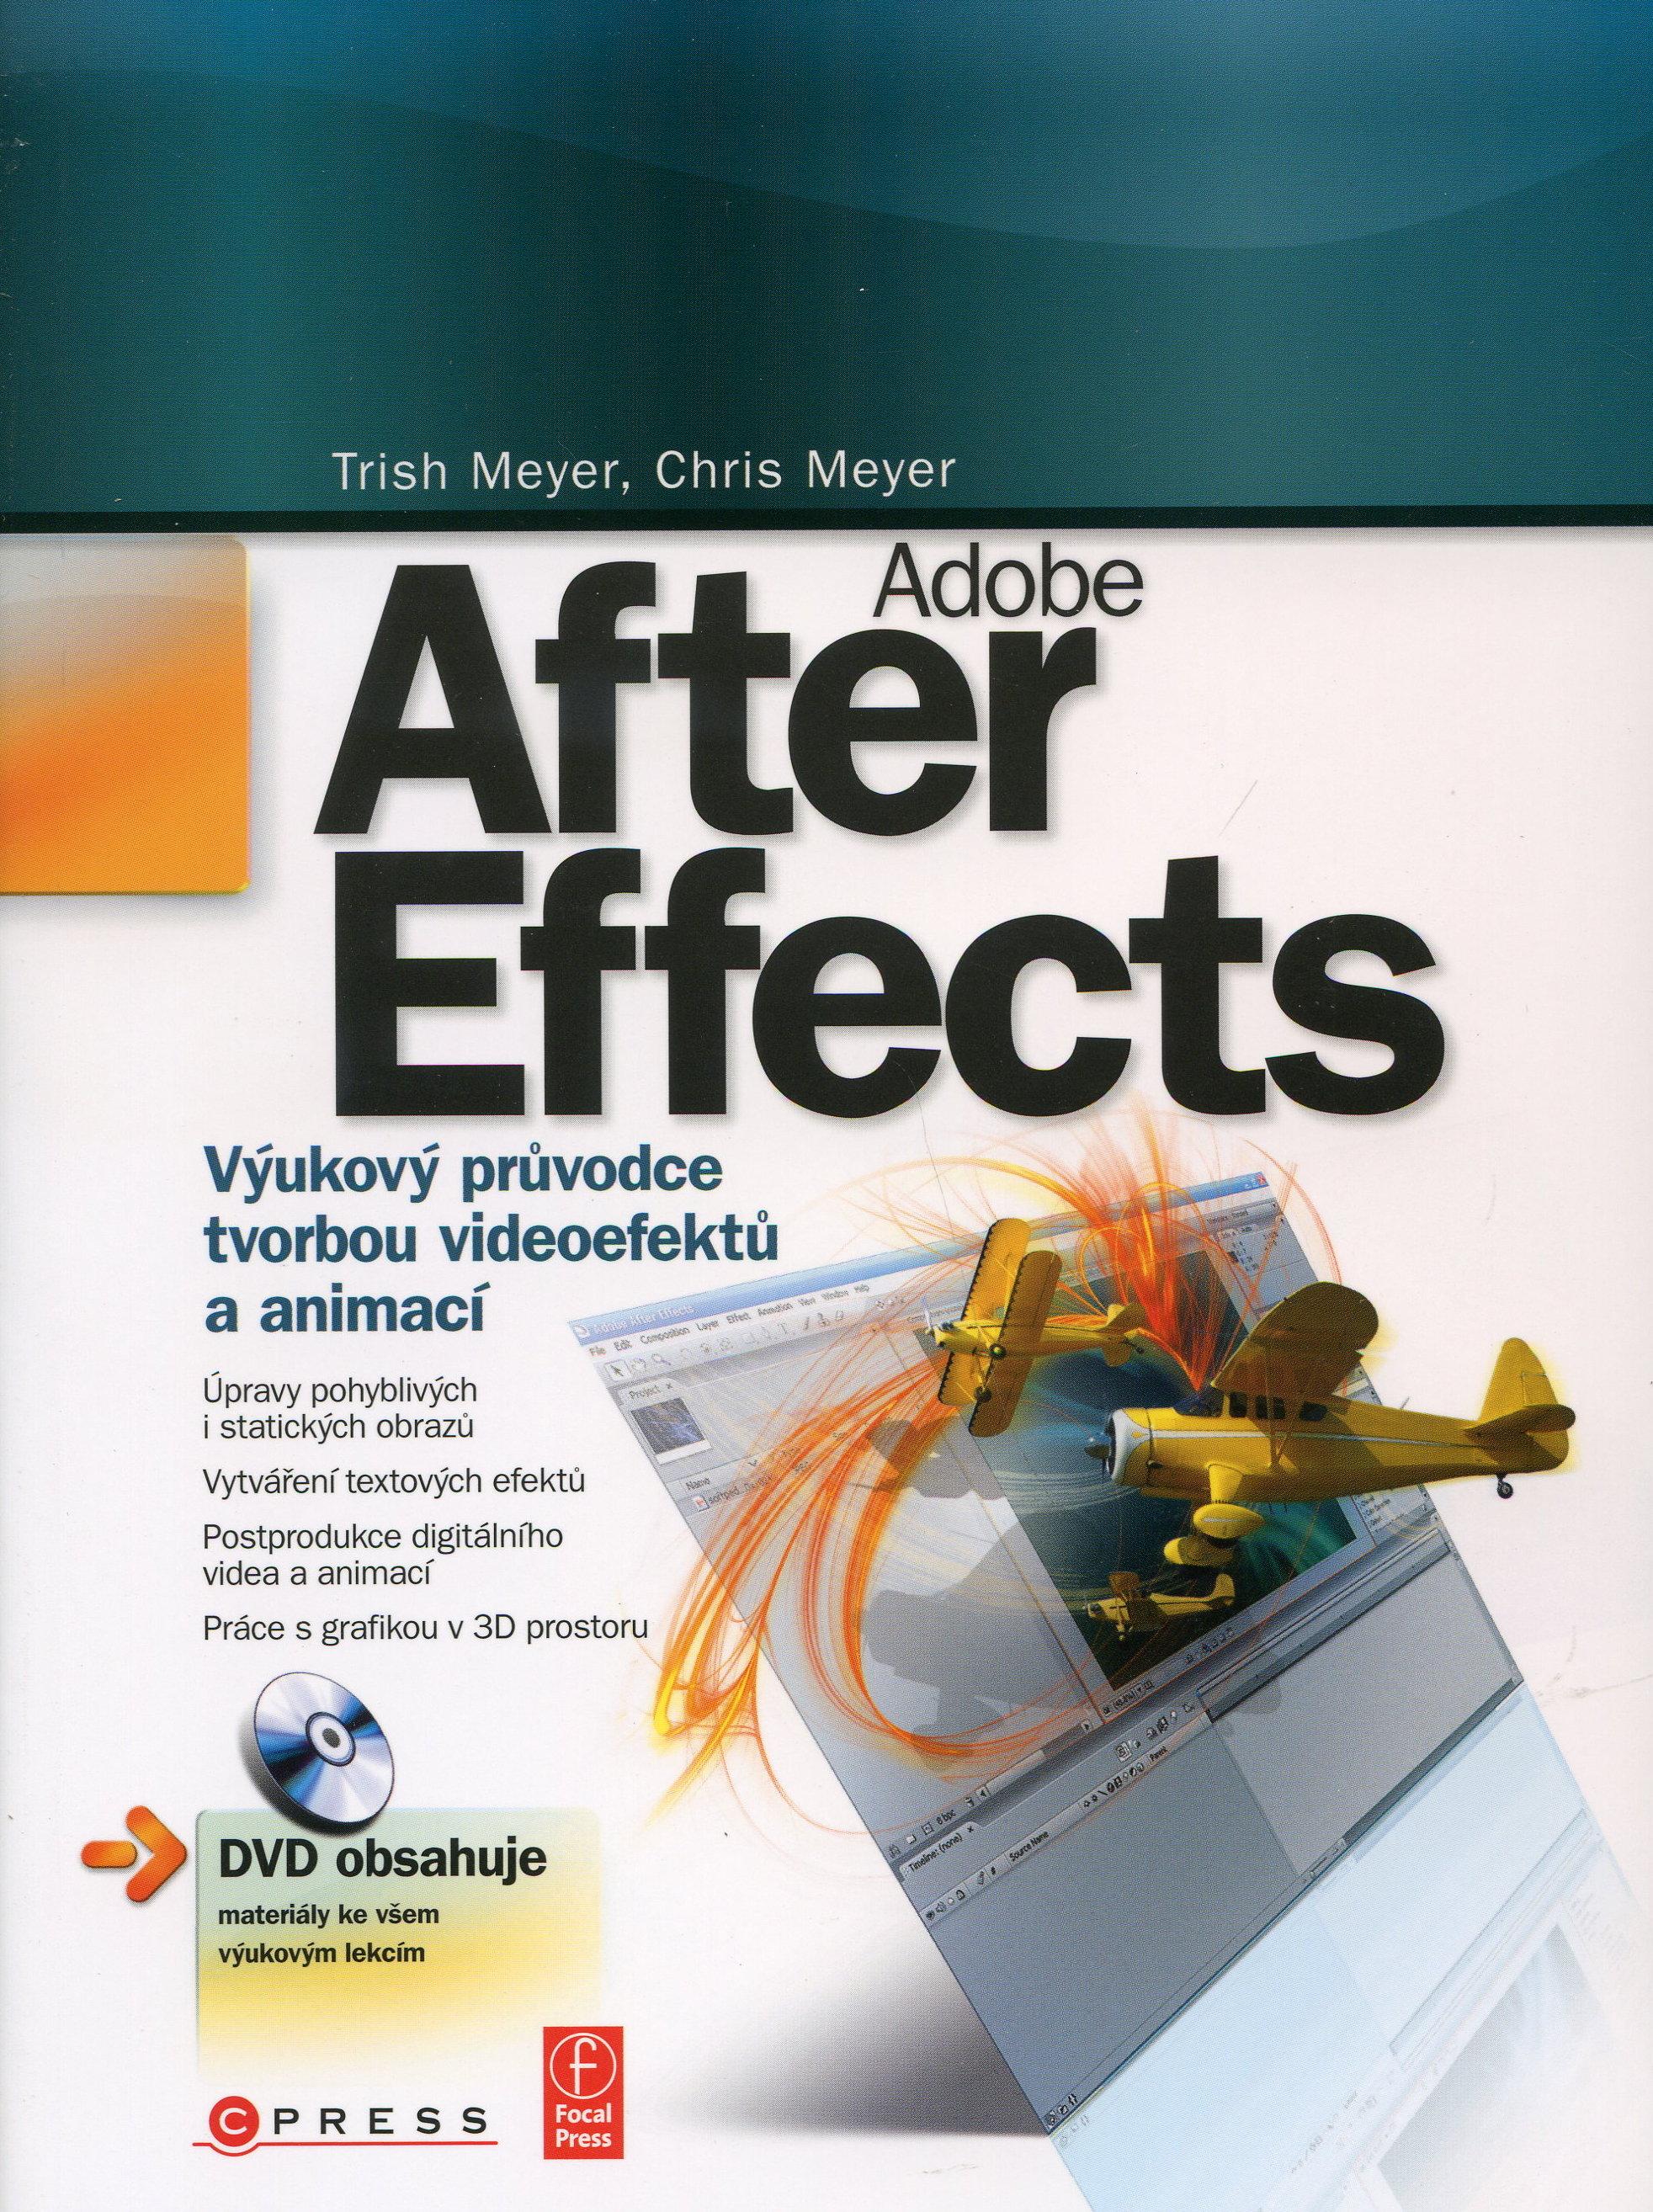 Adobe After Effects - Výukový průvodce tvorbou videoefektů a animací